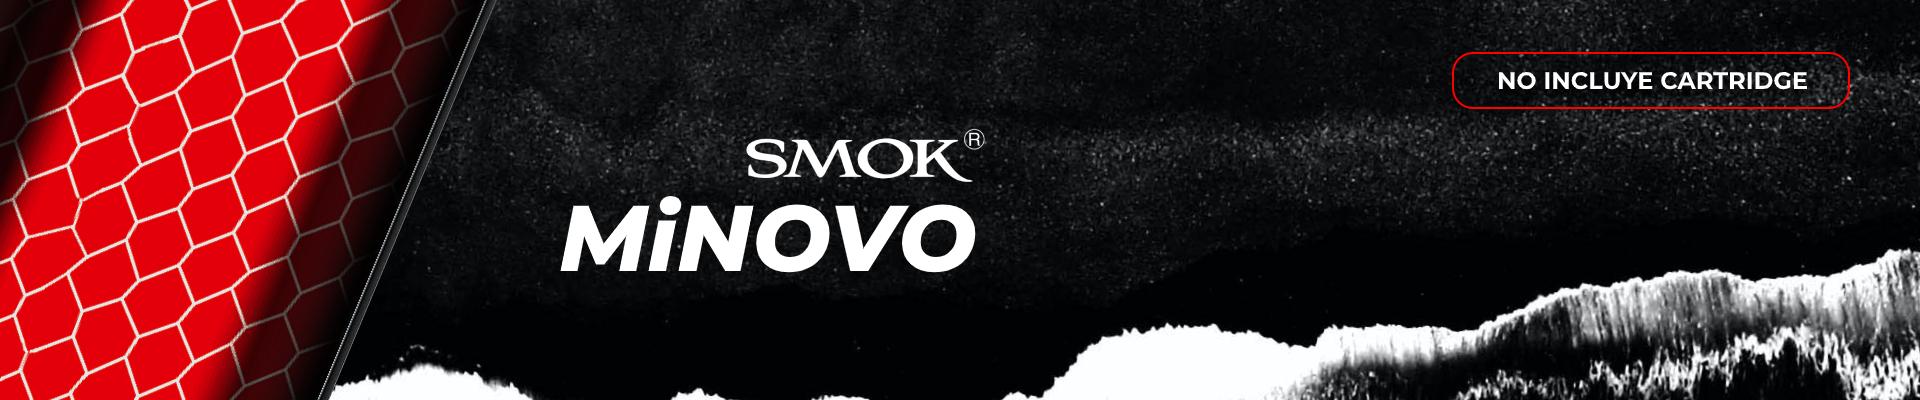 smok-minovo-banner-desc